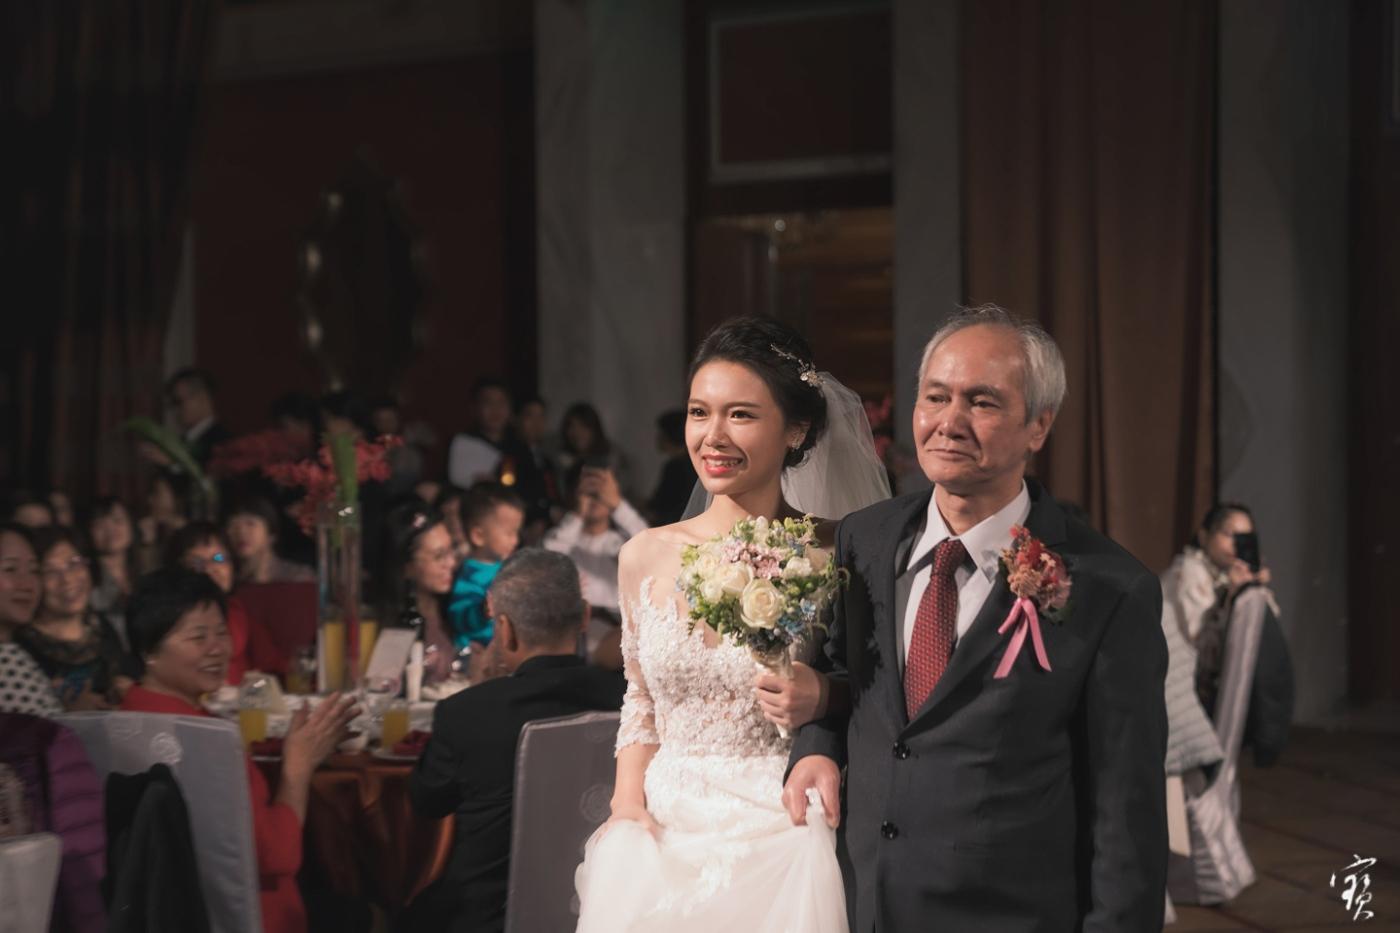 婚禮攝影 婚紗 大直 典華 冬半影像 攝影師大寶 北部攝影 台北攝影 桃園攝影 新竹攝影20181208-318